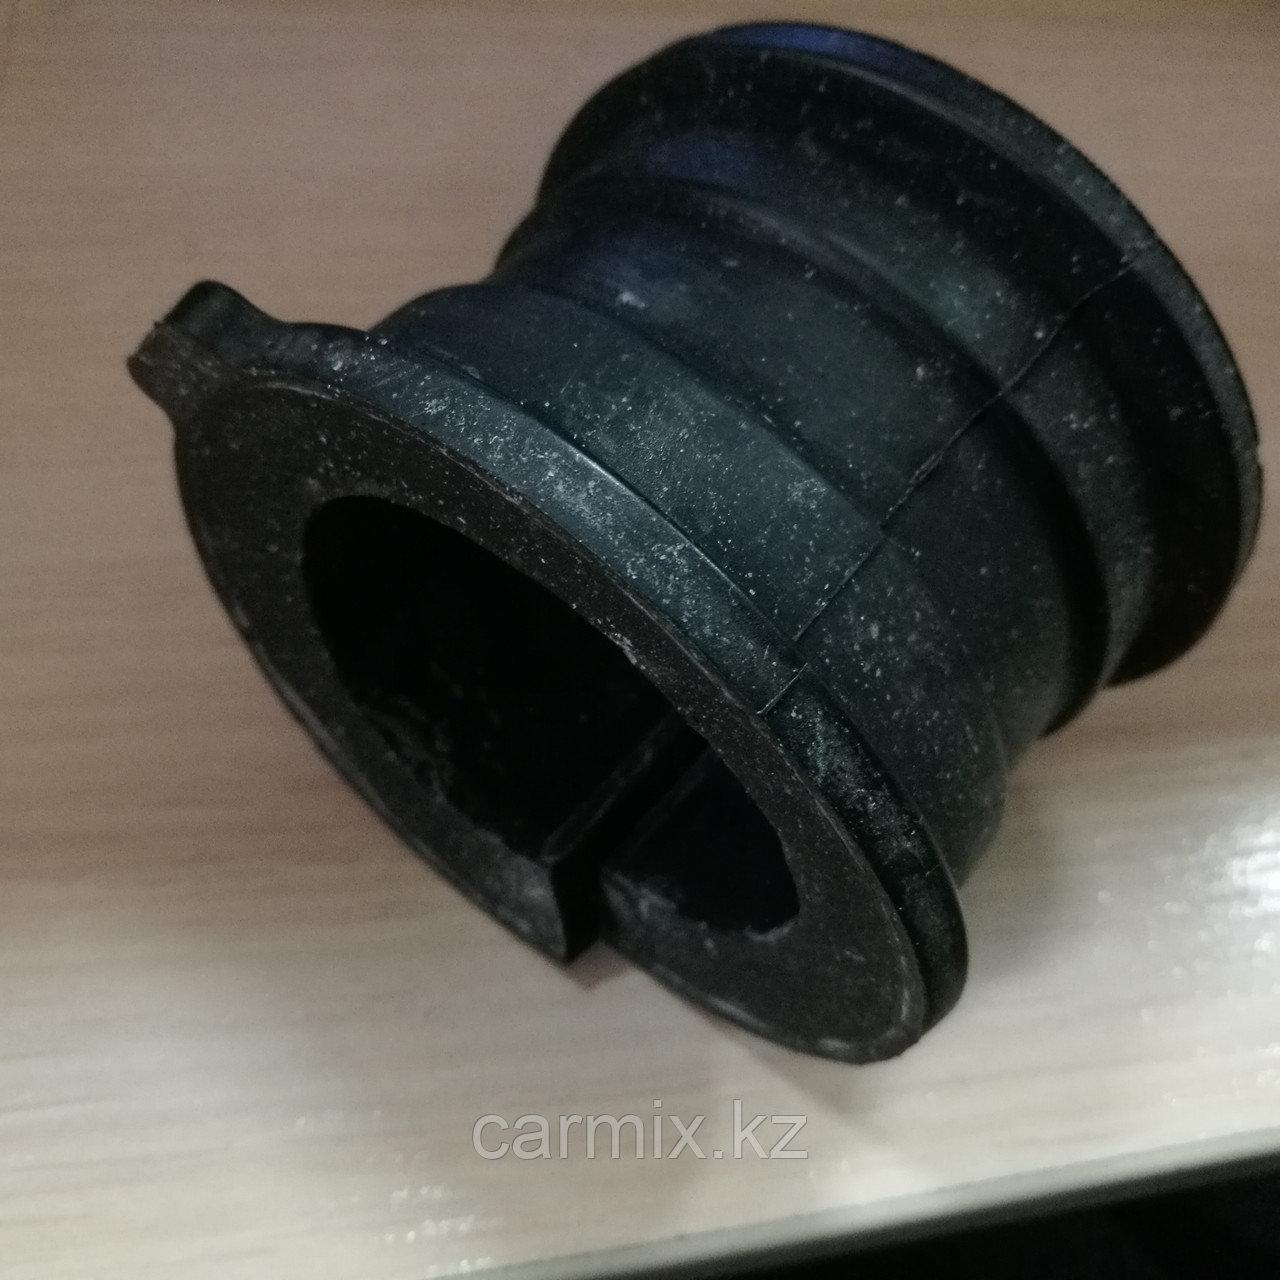 Втулка переднего стабилизатора GX470 d-49mm